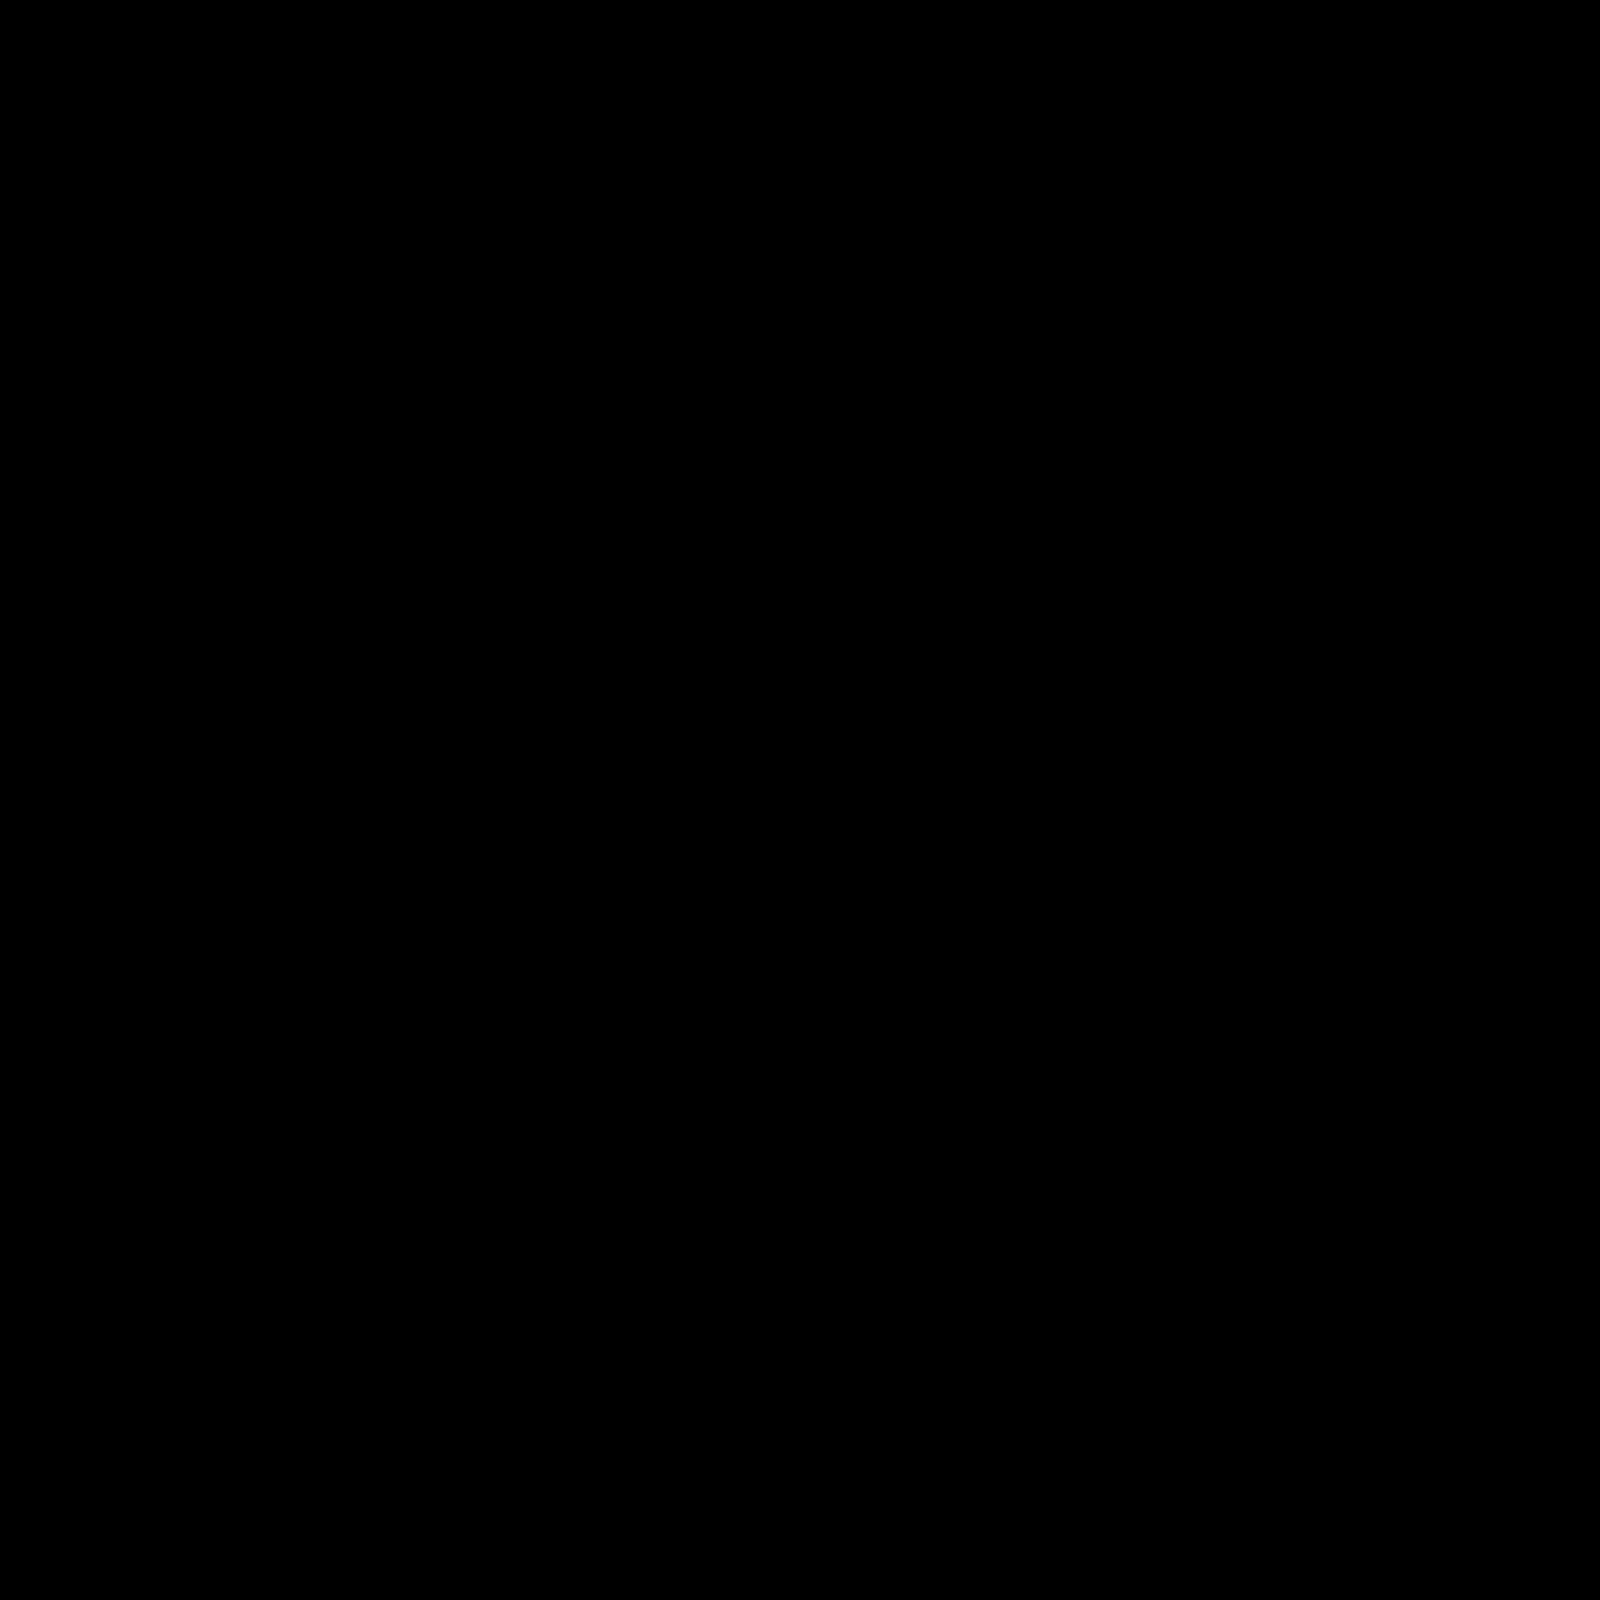 海浪 icon. The icon for sea waves is three lines that are drawn to represent the up and down motion that waves make when the ocean water is moving. The three likes are placed one under the other, because that way it looks like a body of water.